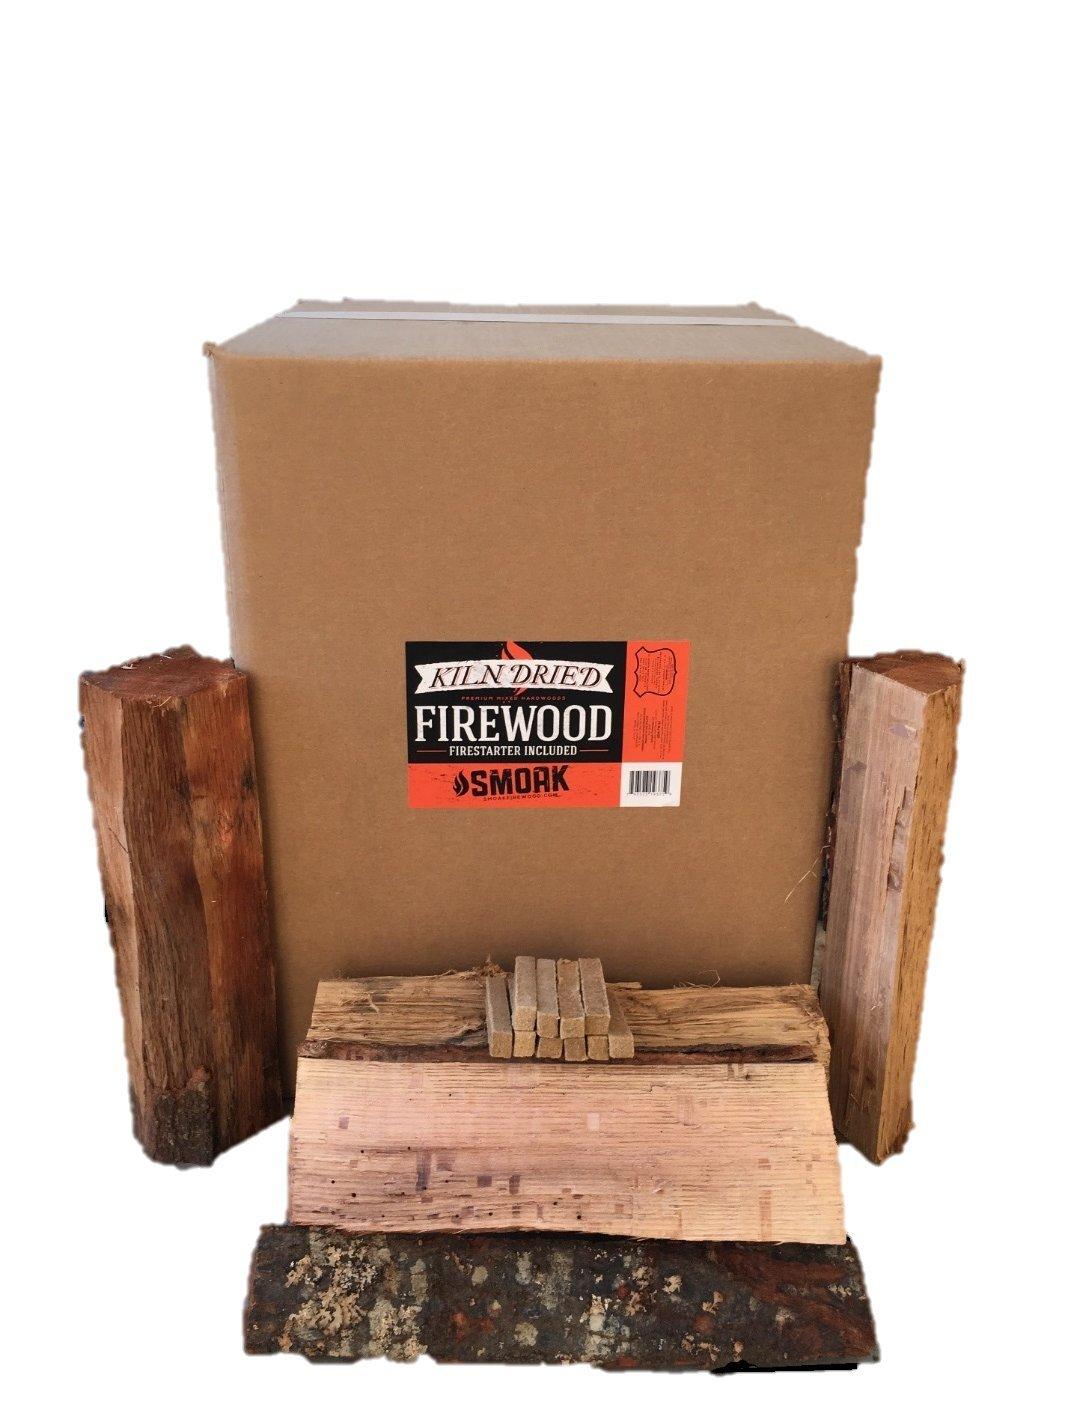 Smoak Firewood - Kiln Dried Premium Oak Firewood (Includes Firestarter) (Large (16inch Logs) 120-140lbs) by Smoak Firewood